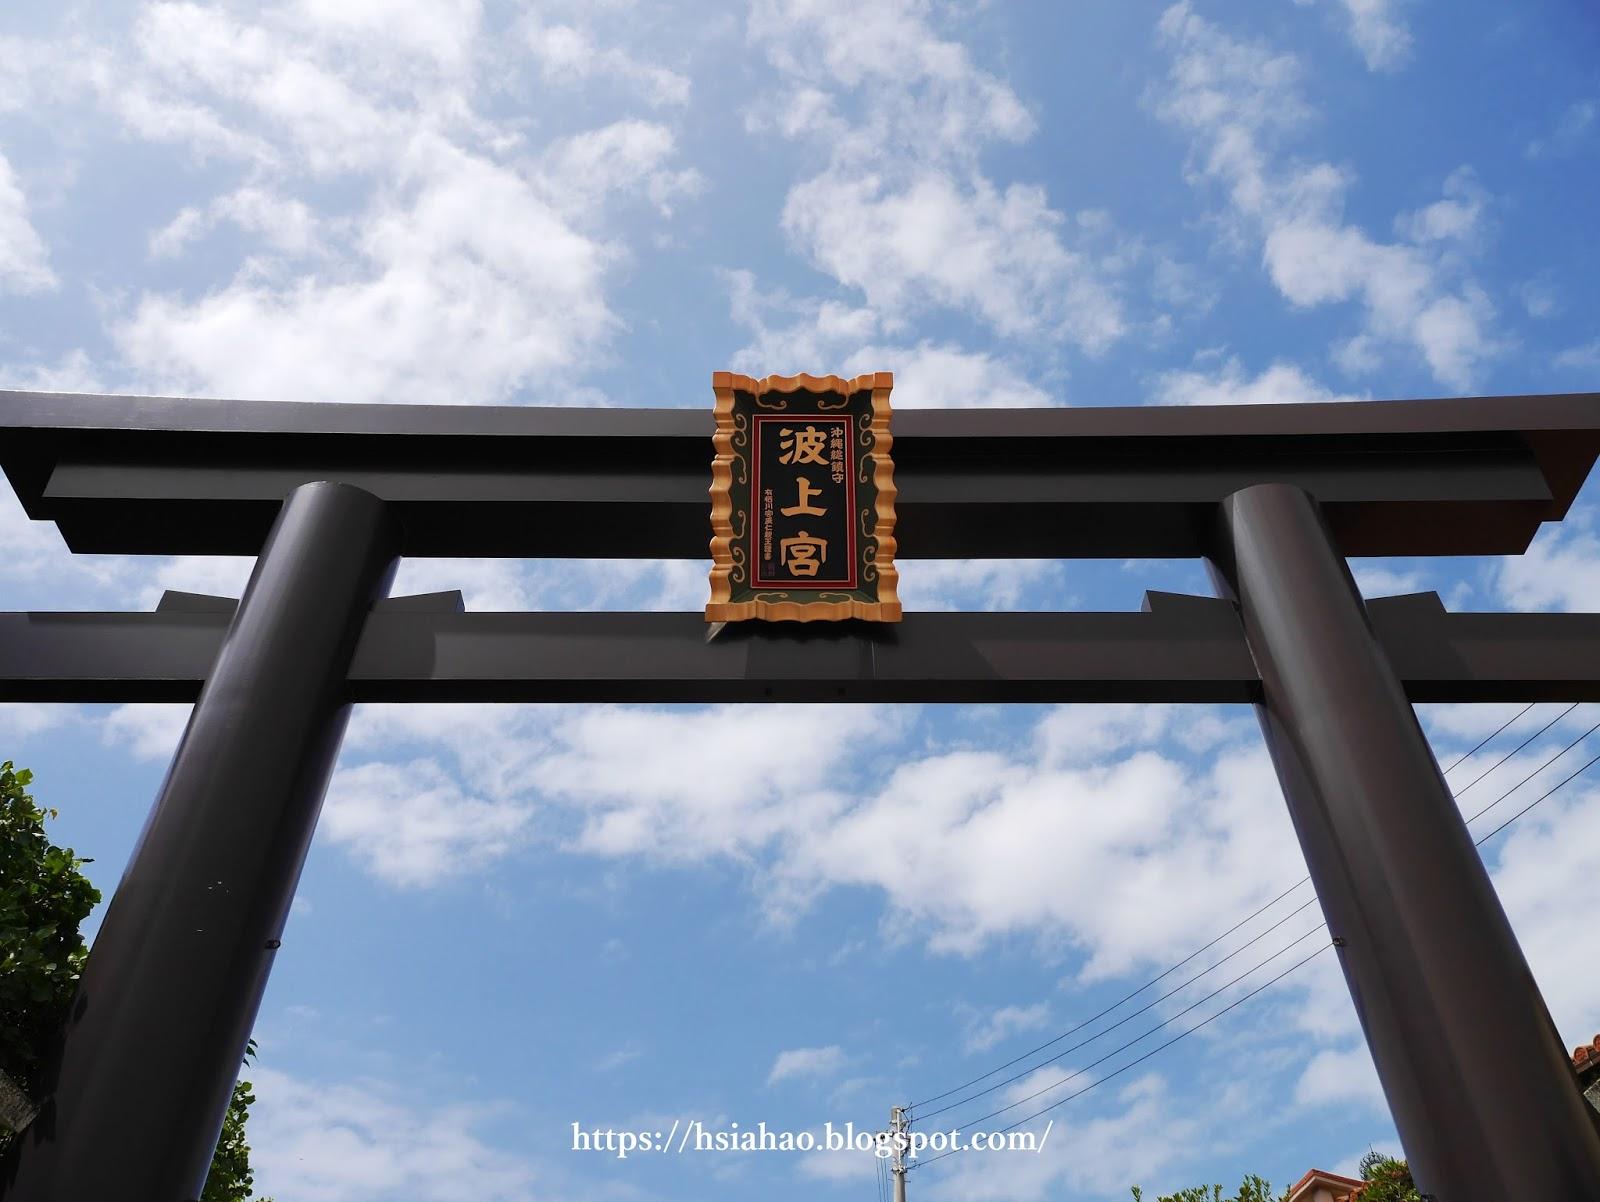 沖繩-那霸-景點-波上宮-波之上海灘-自由行-旅遊-Okinawa-Naha-Nanminsan